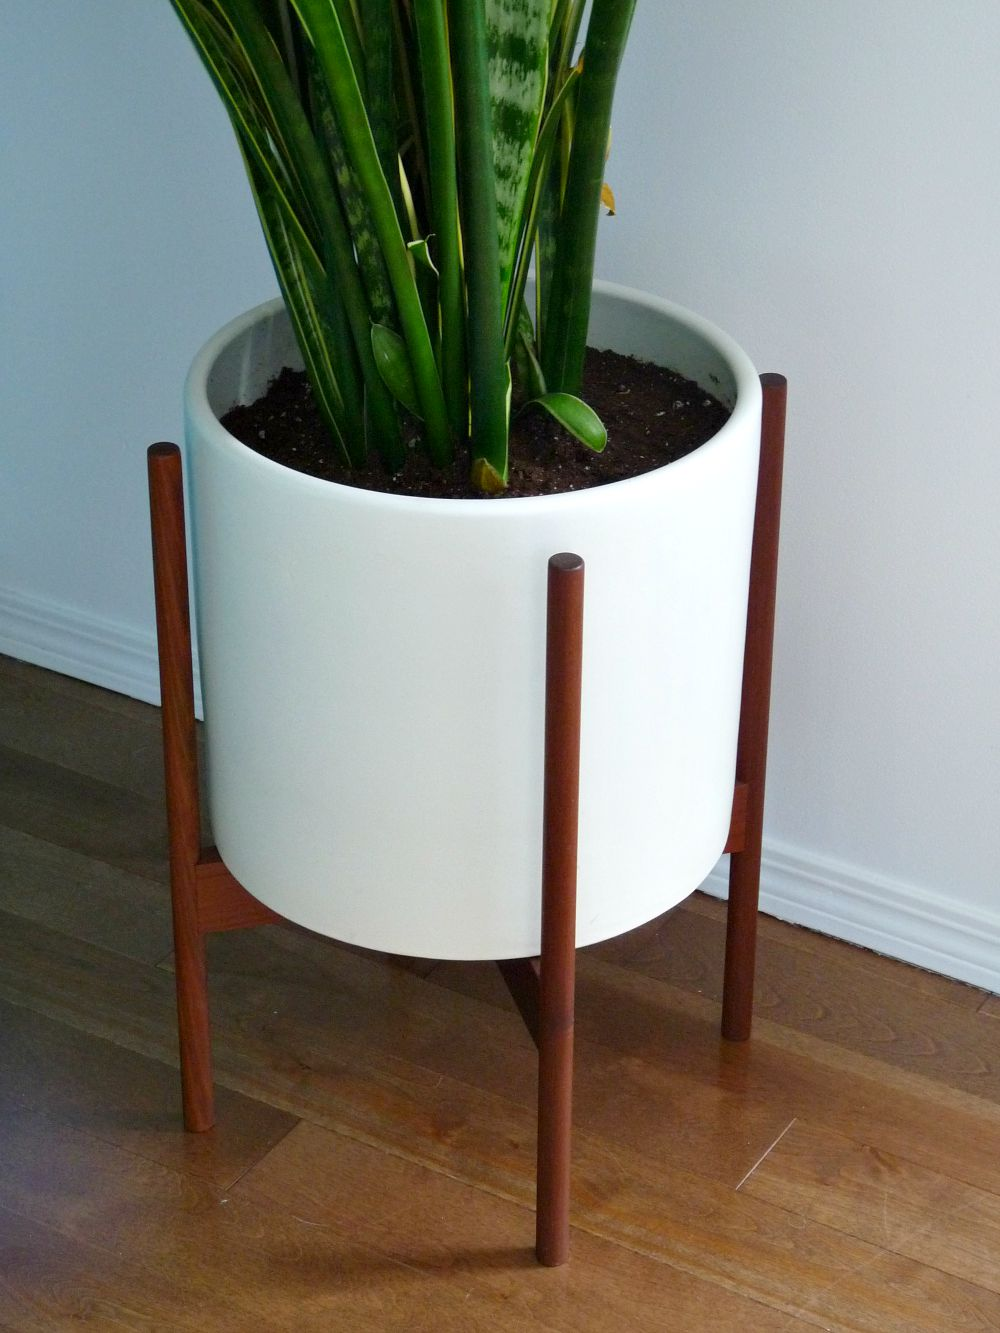 Modernica case study planter review